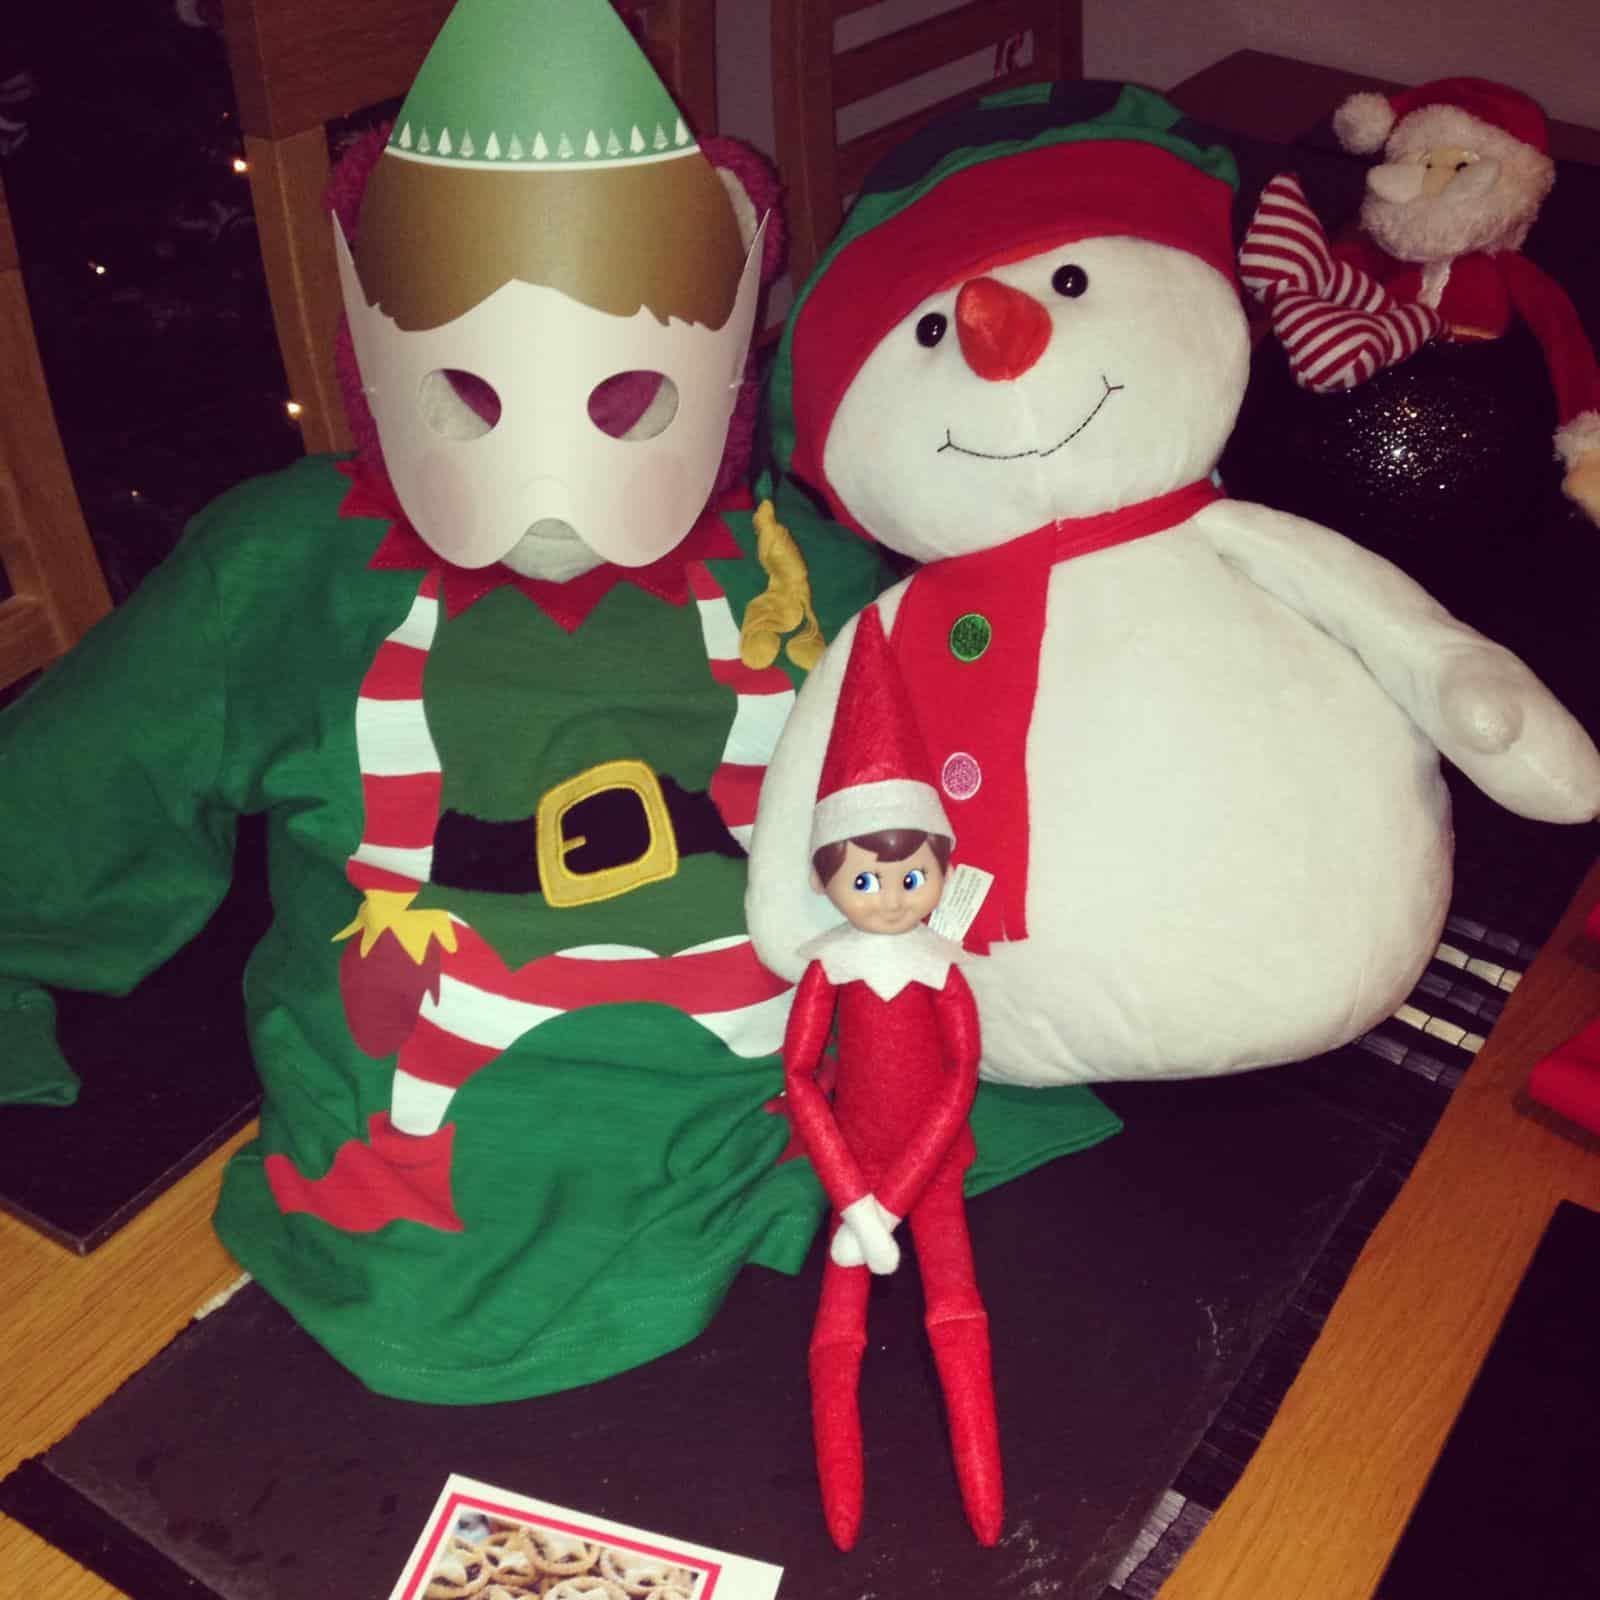 Elf with the XMAS teddies